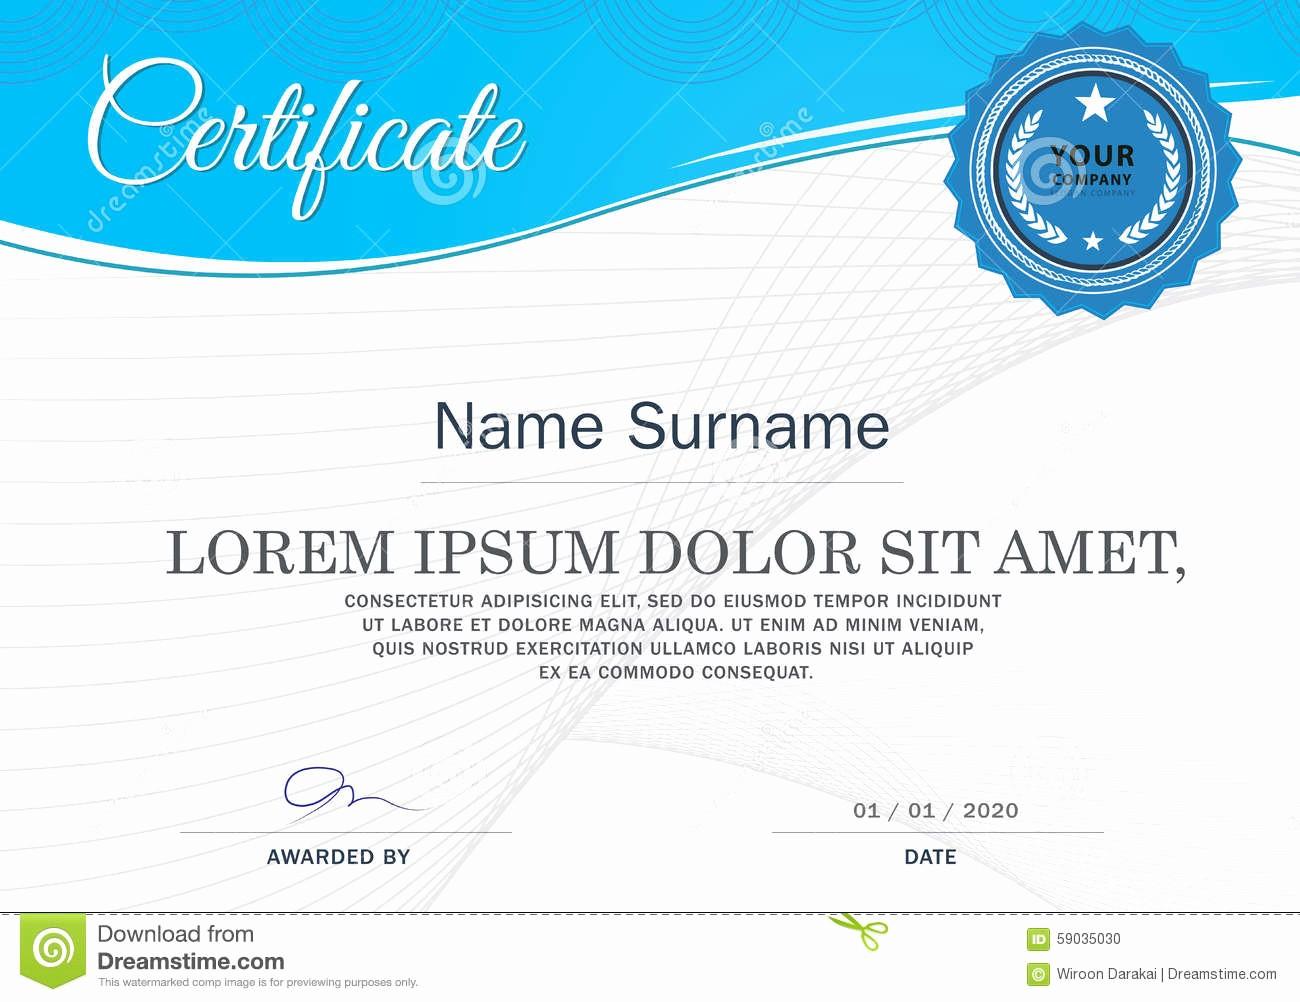 How to Design A Certificate Beautiful Certificate Achievement Frame Design Template Blue